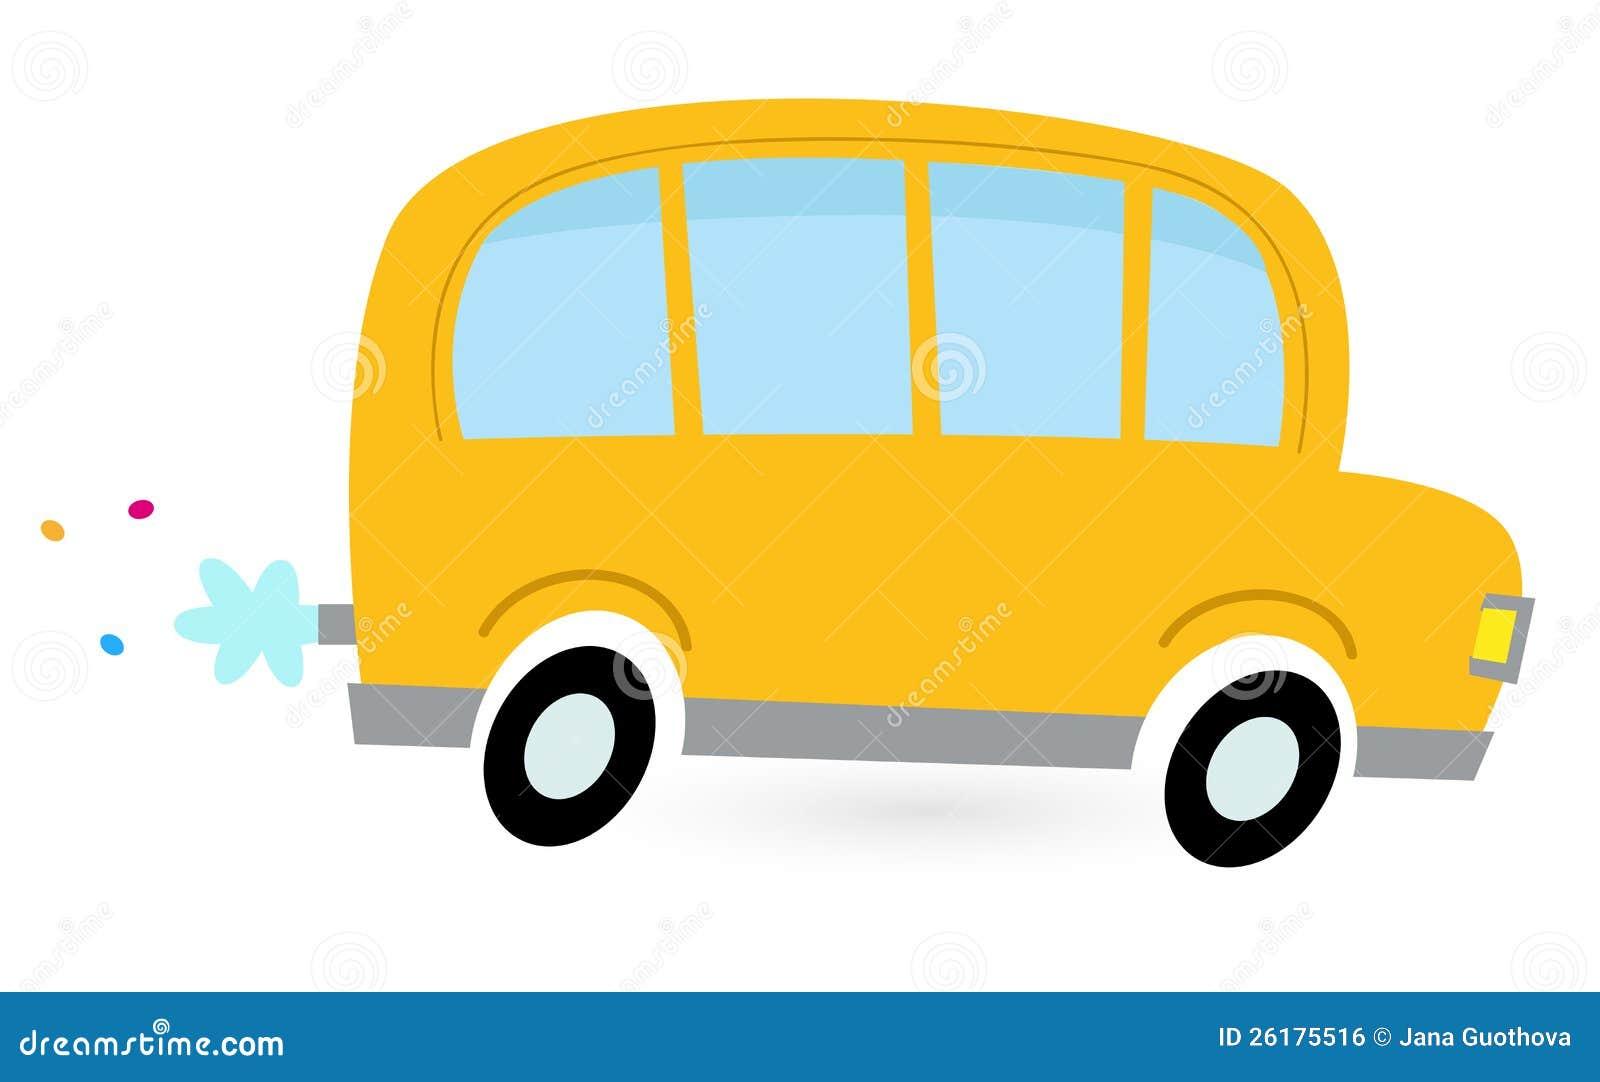 Autobus Scolaire Jaune De Dessin Animé Illustration De